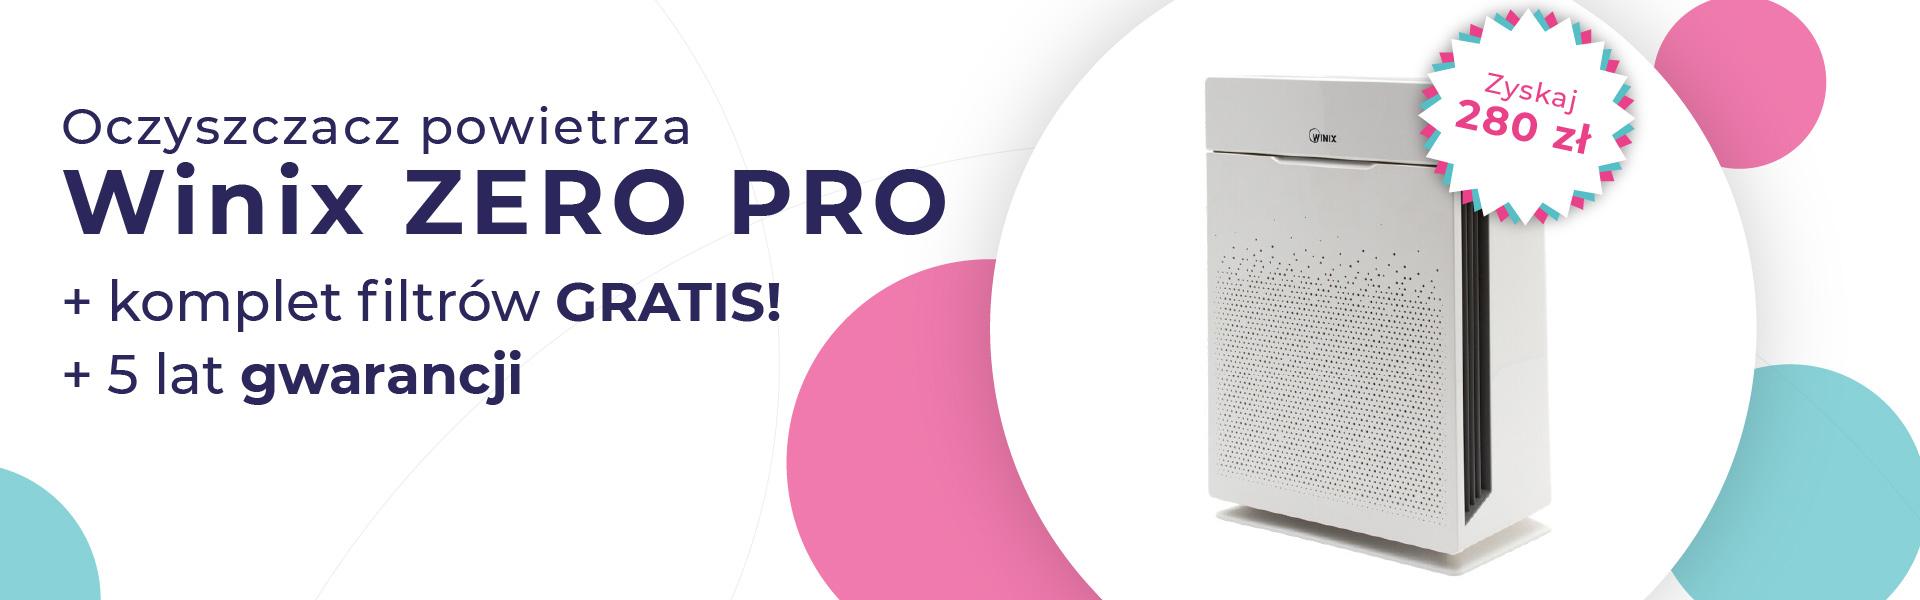 Oczyszczacz powietrza Winix Zero zestaw filtrów gratis